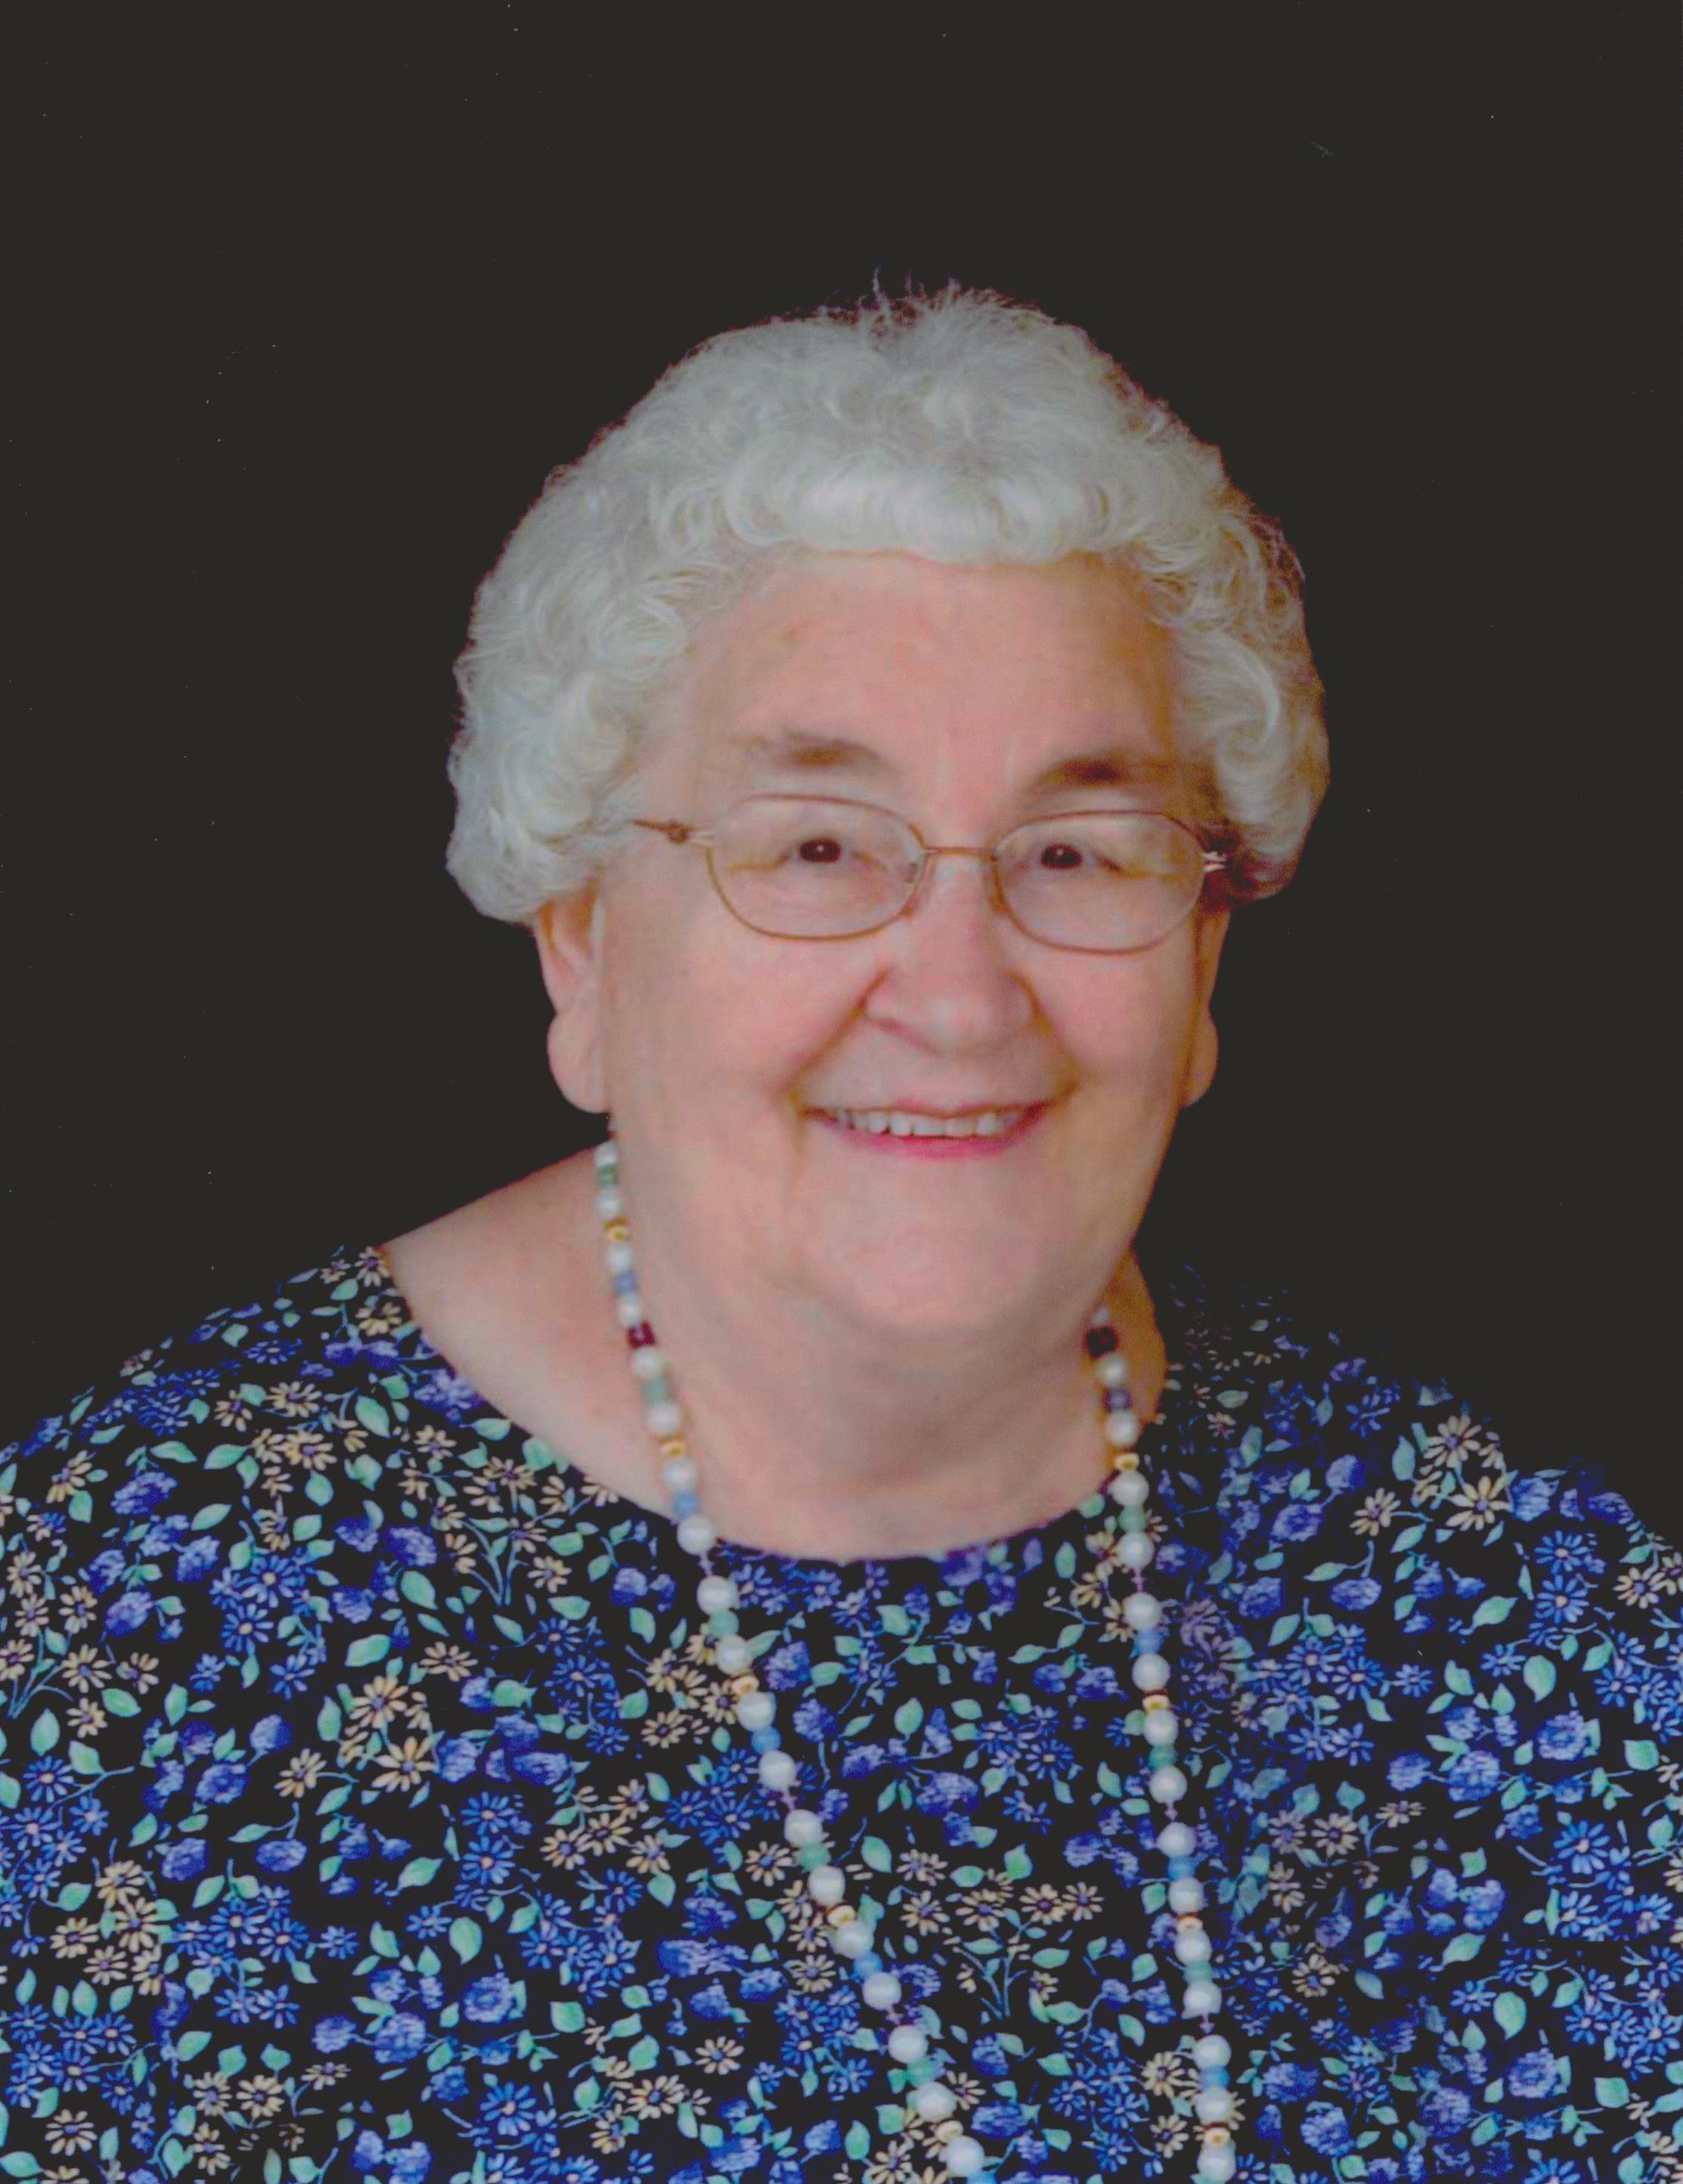 Gwenith Nish Jorgensen